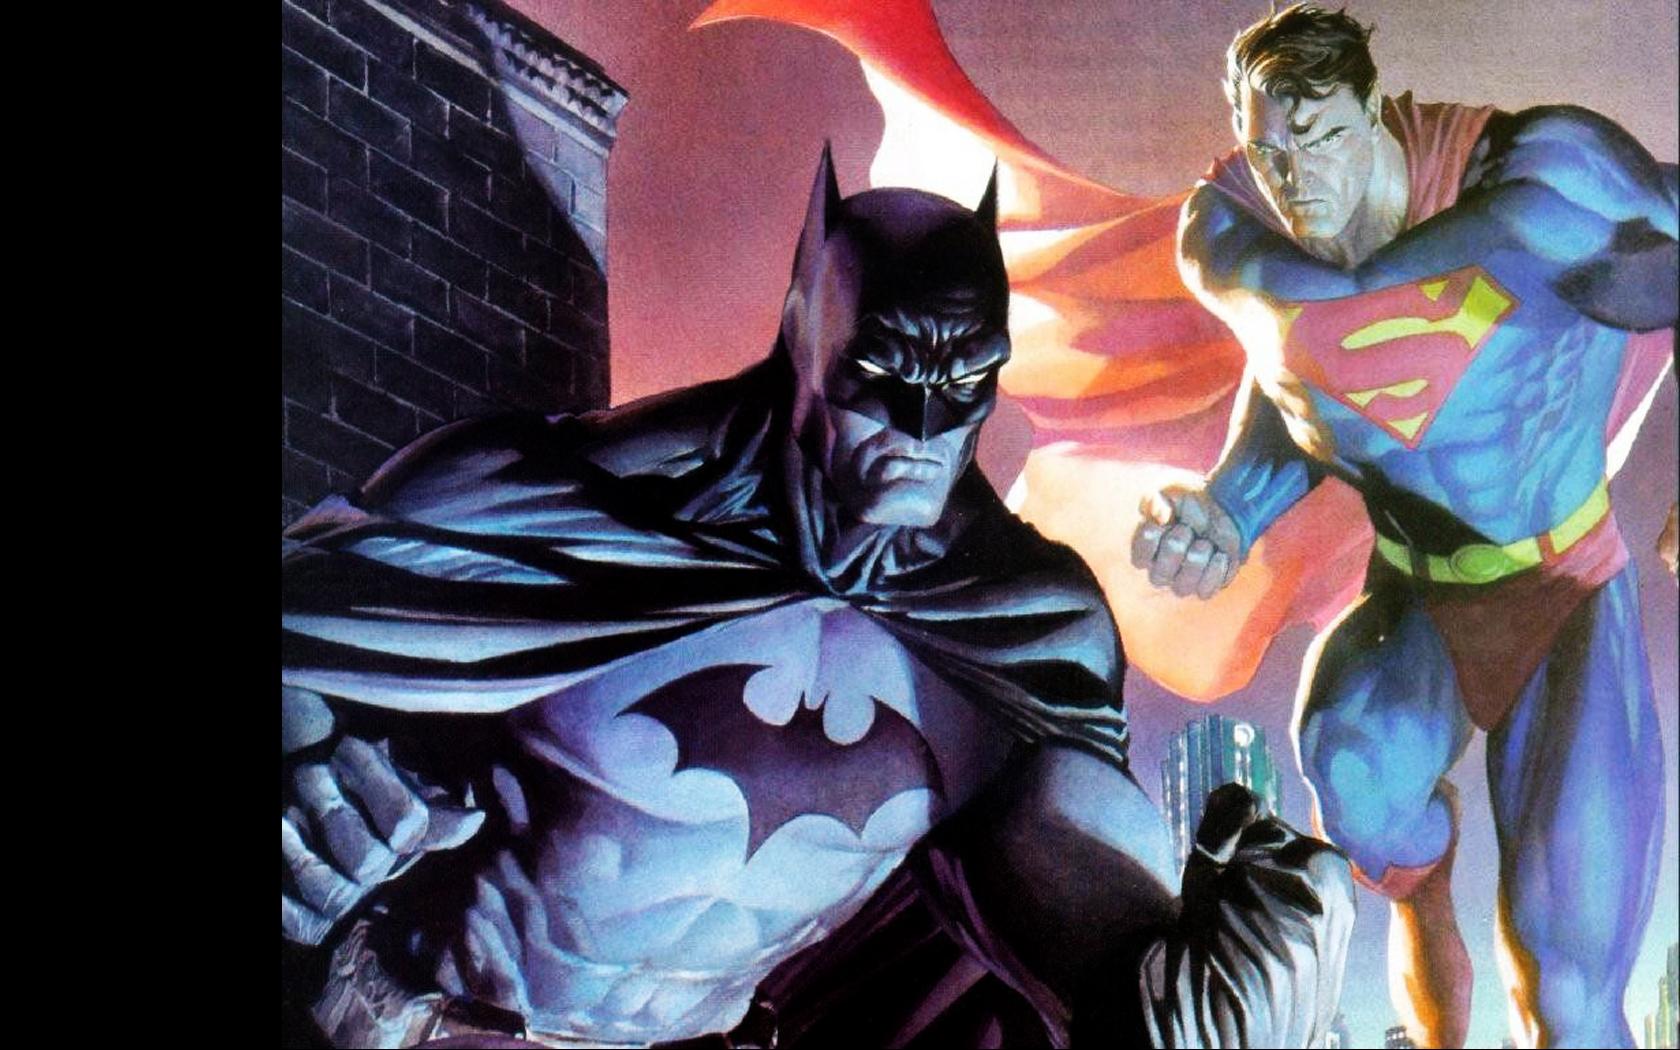 batman and superman wallpaper by spitfire666xxxxx d31h2d4 1680x1050